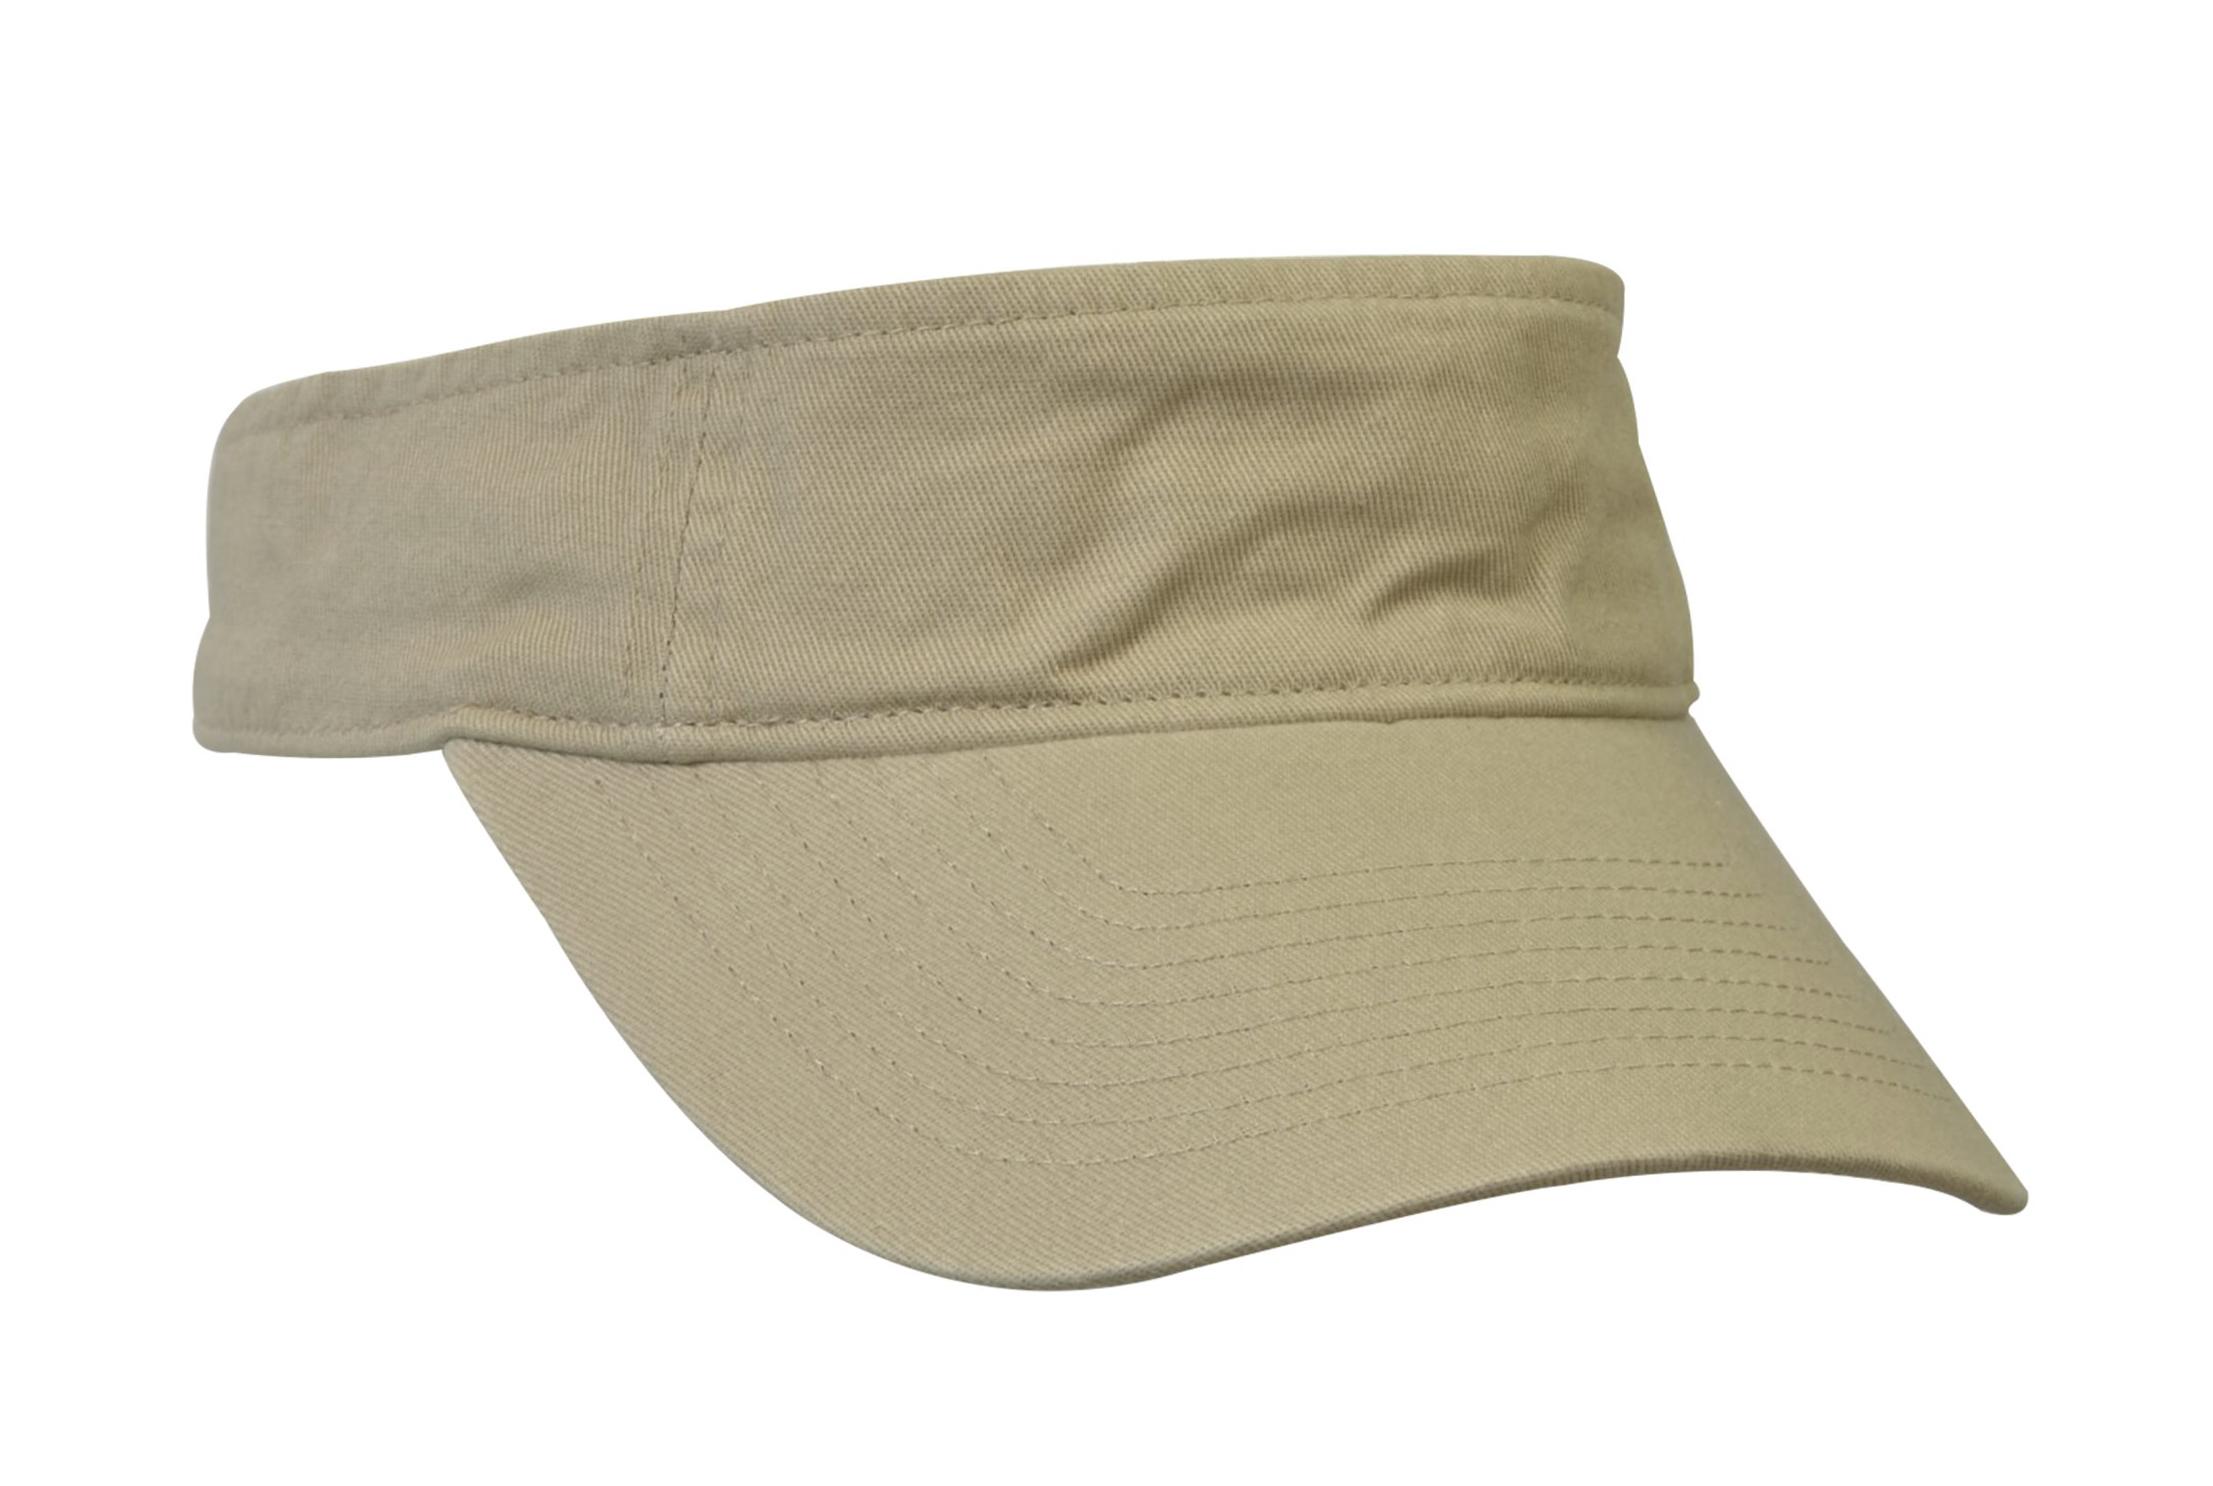 8f13eb33105 KC Caps Unisex One Size Washed Cotton Twill Velcro Adjustable Sun ...